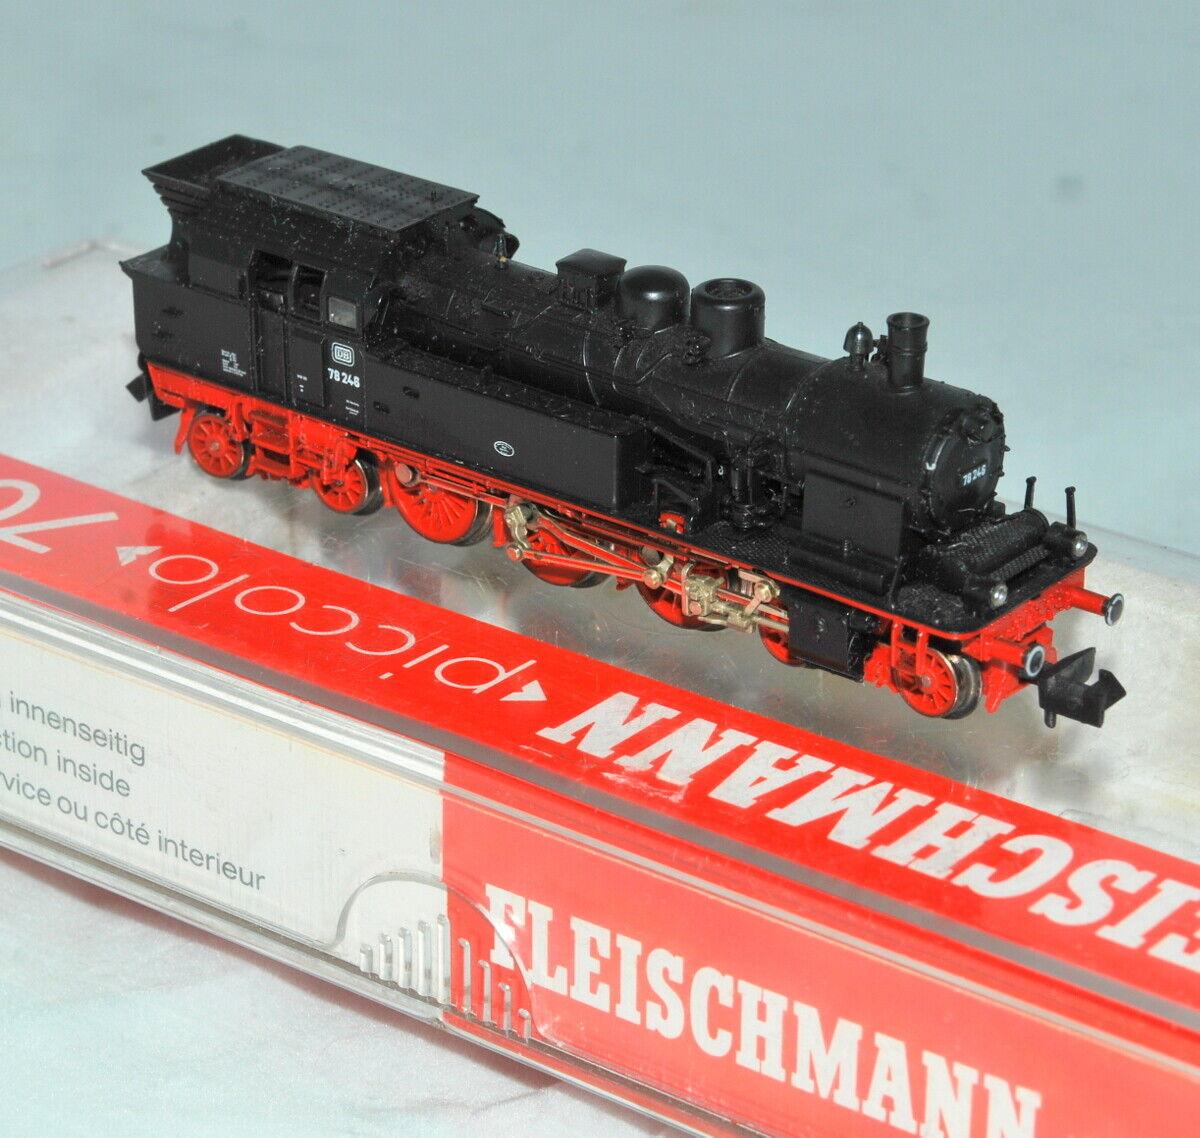 Fleischmann N 7078 4-6-4T Class 78 748 Steam loco in its box